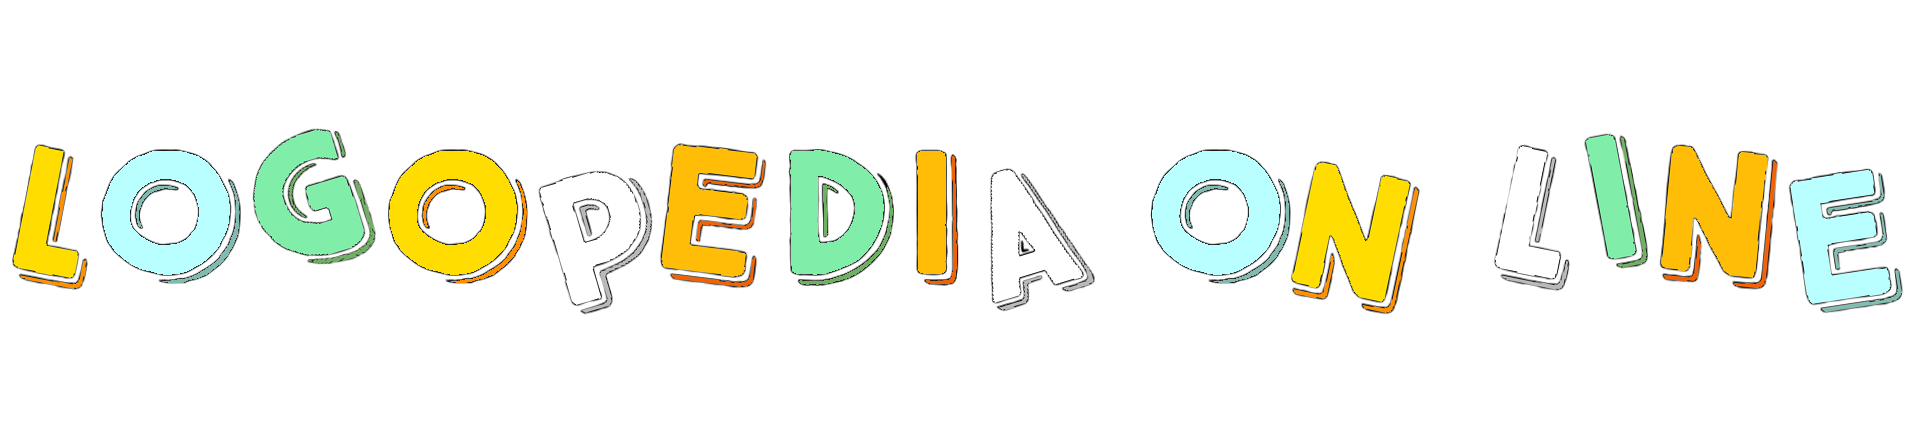 Logopedia On Line